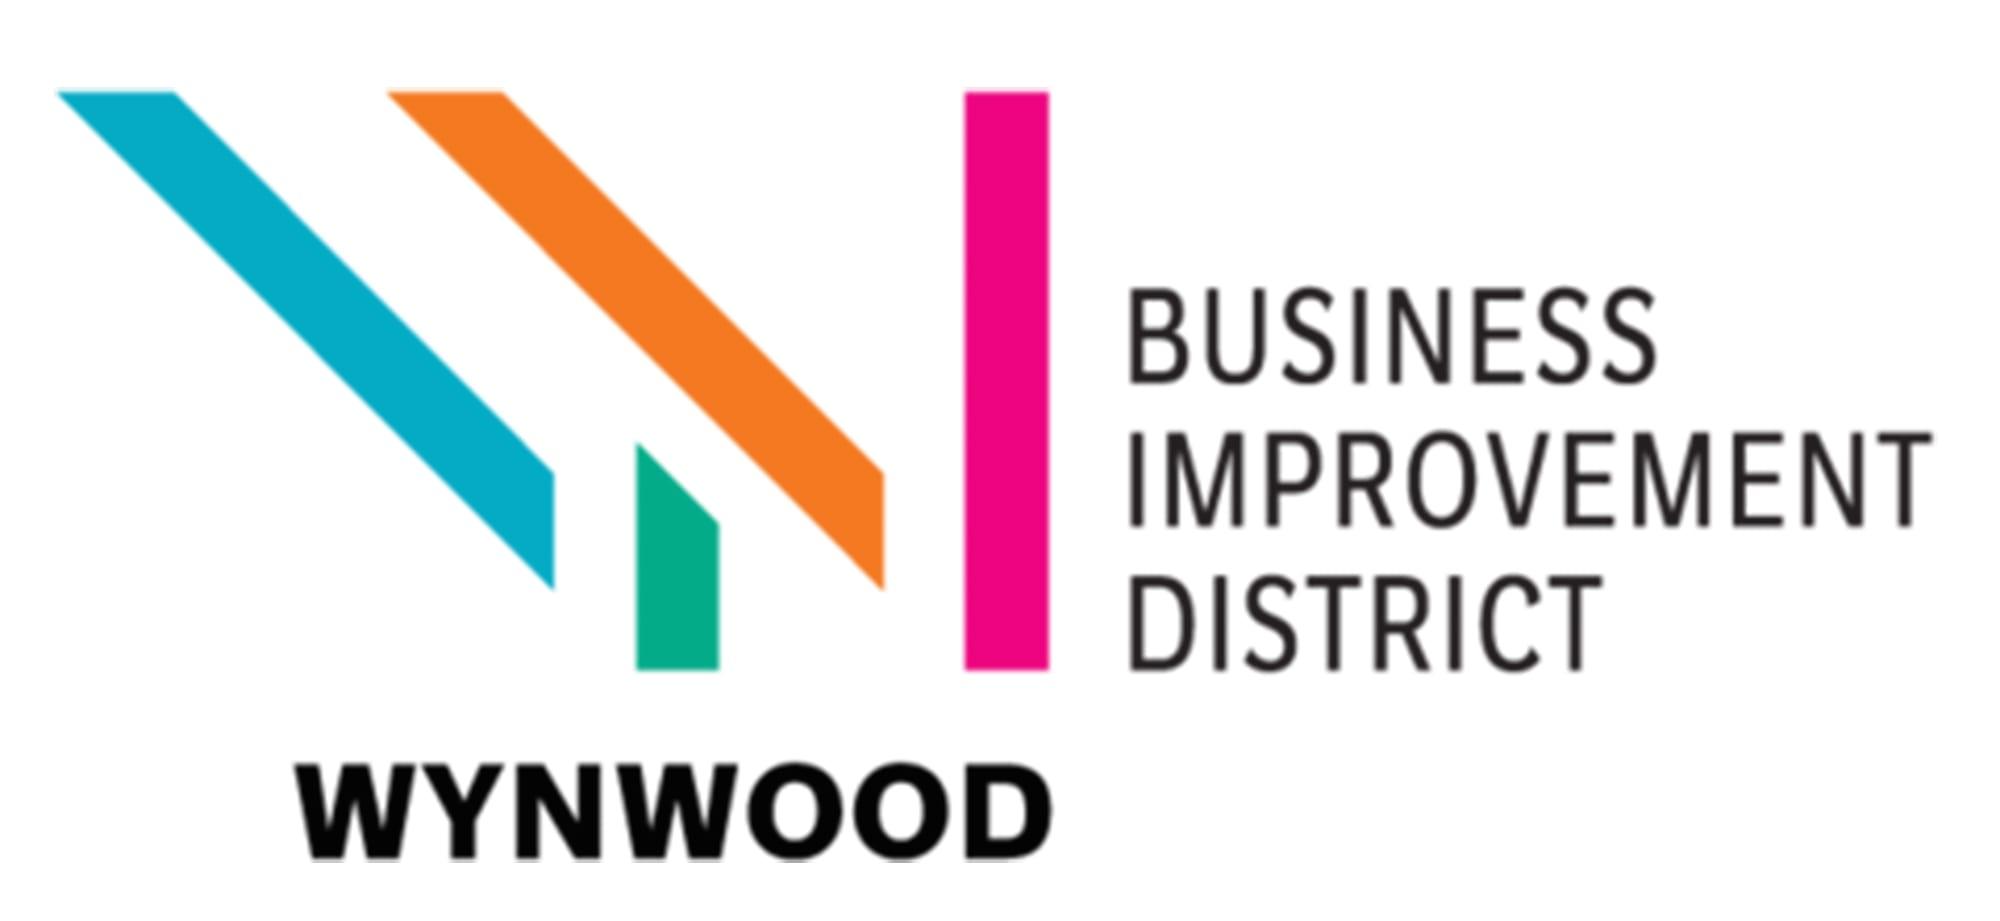 wbid_001_final_wynwood_bid_logo_4-color_copy_480._03jpg